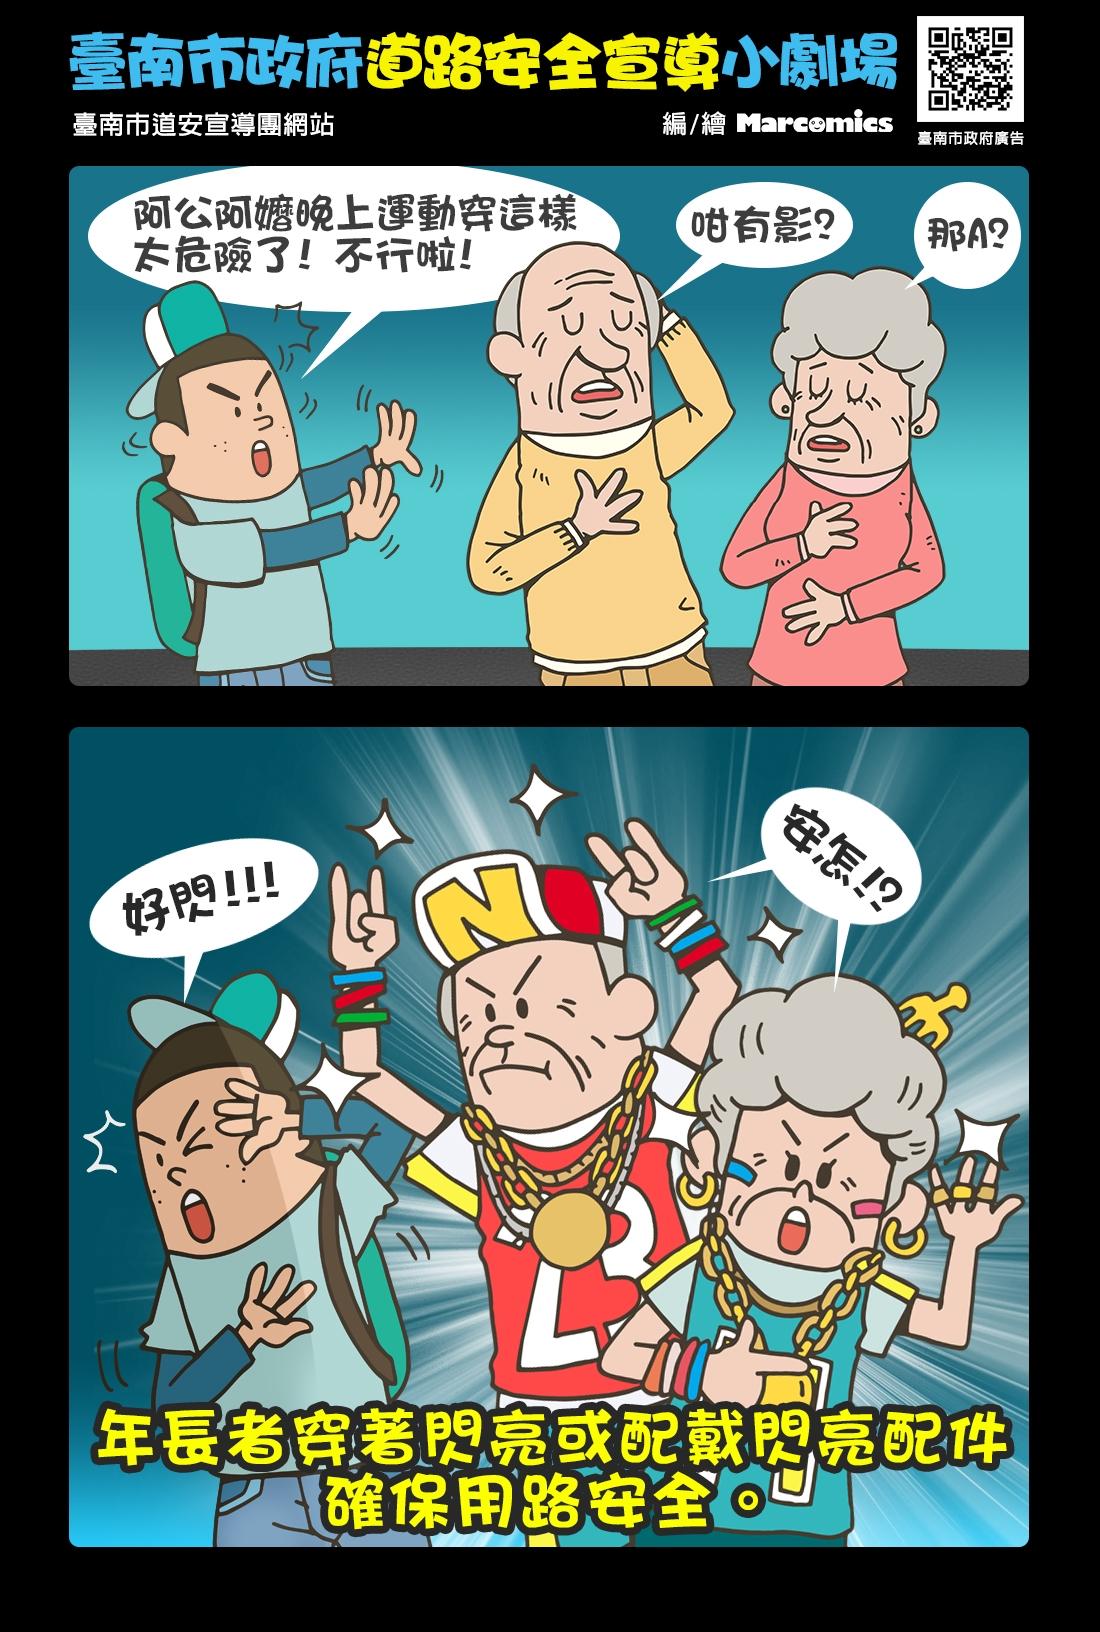 年長者清晨或傍晚外出時,請穿亮色衣物或佩戴發光裝置,臺南市政府關心您